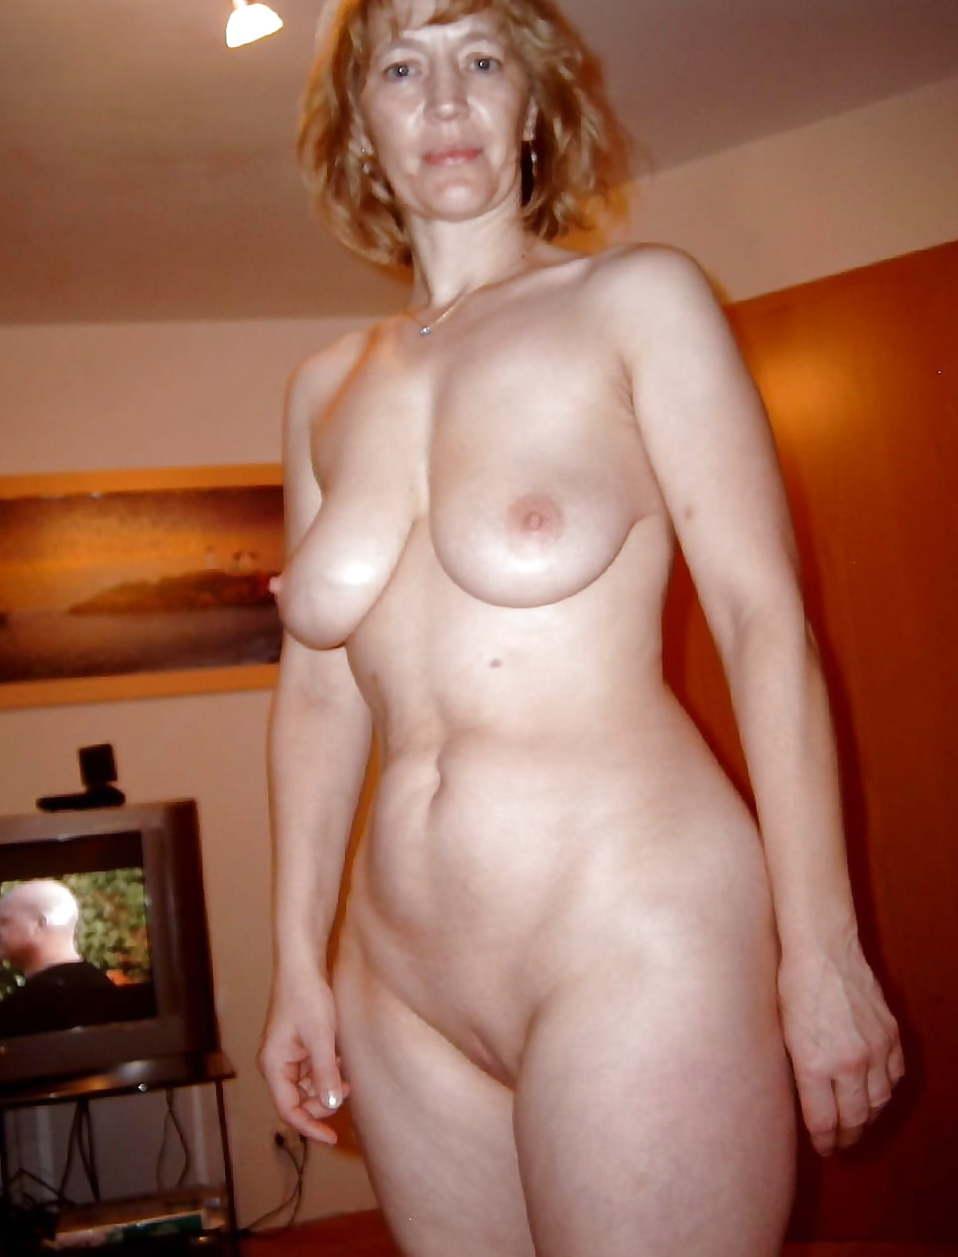 частное фото голыхженщин в возрасте